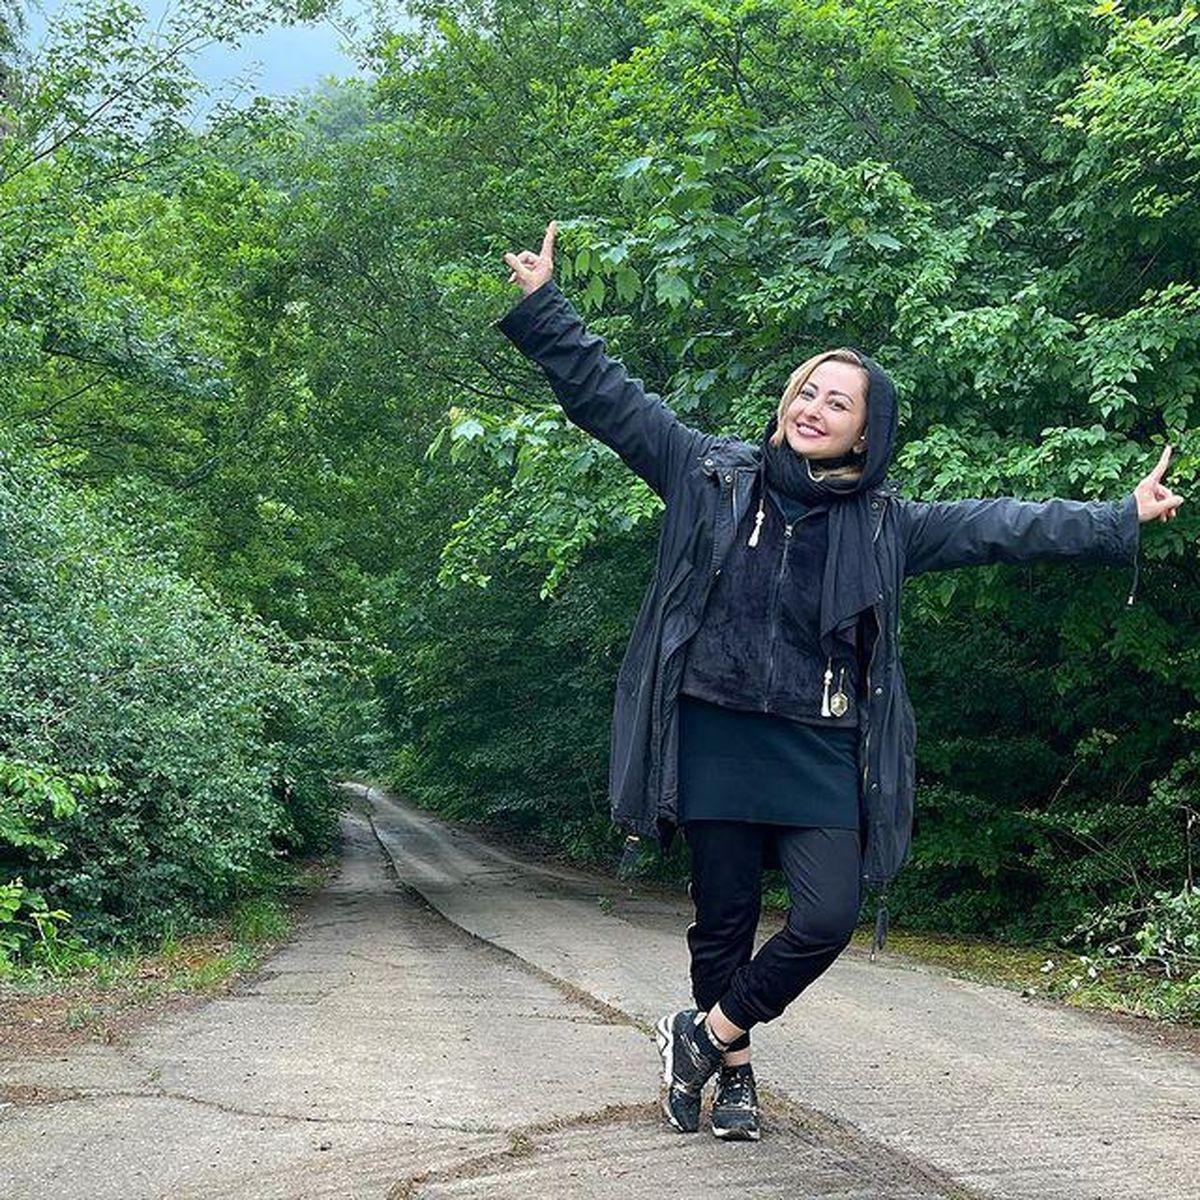 گردش نفیسه روشن در جنگل های شمال با شلوار کوتاه + عکس